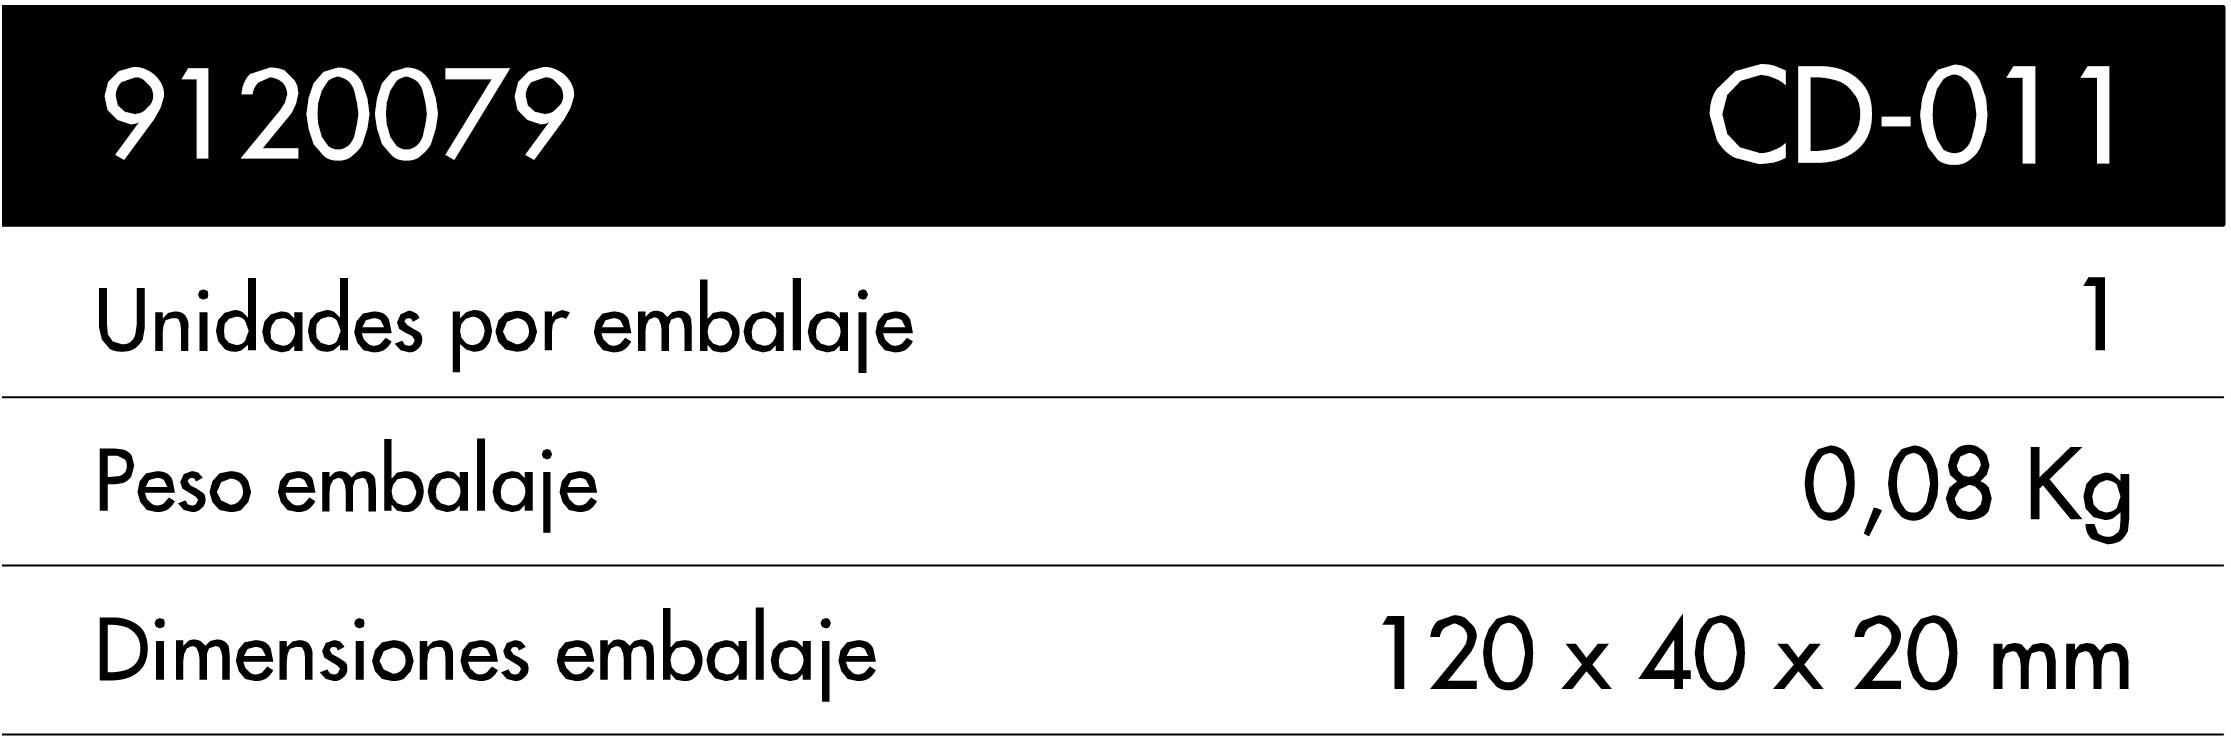 9120079-tablaES.jpg